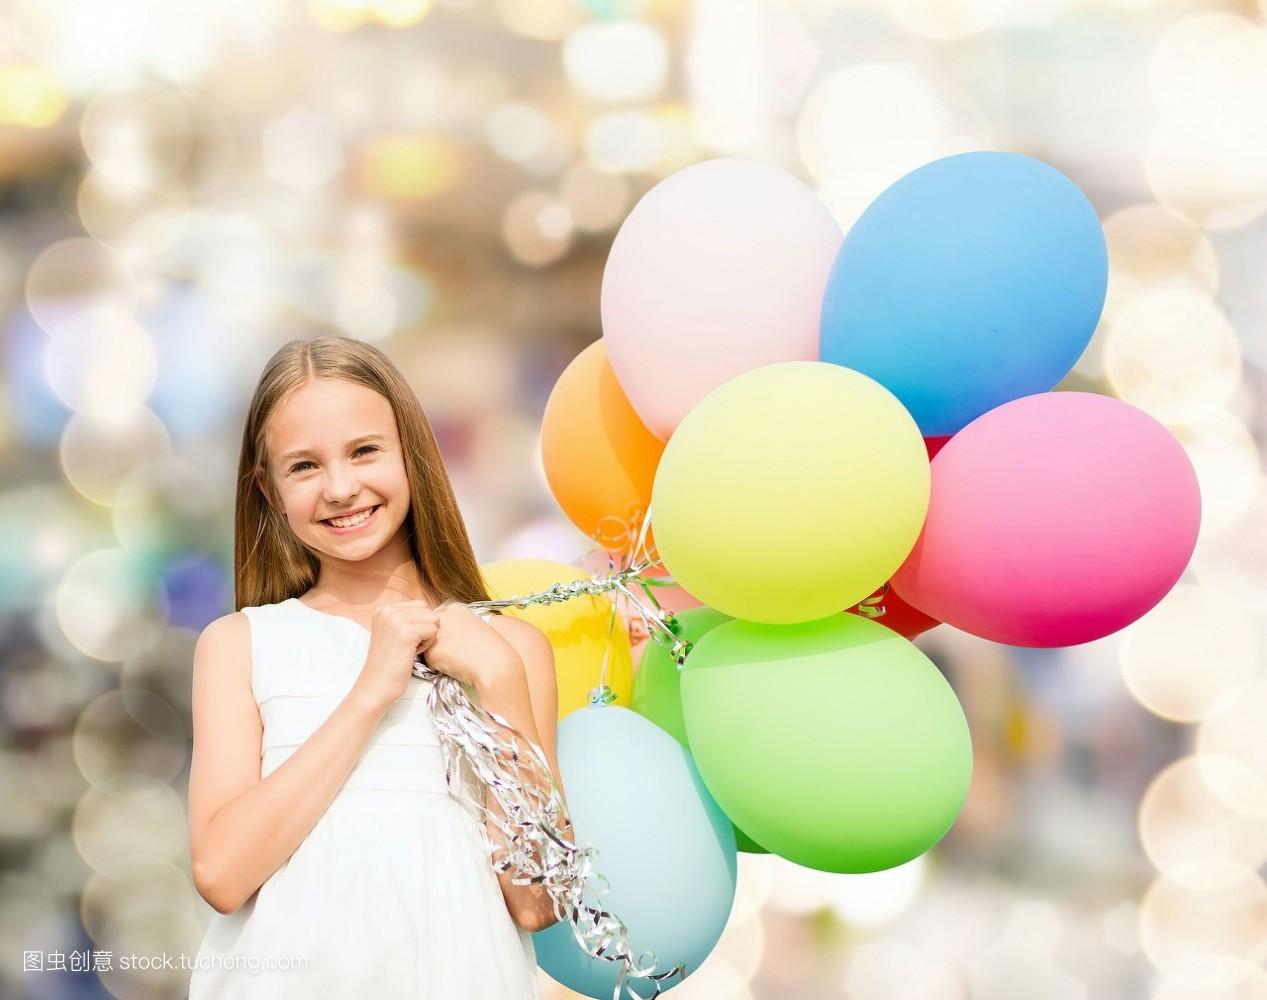 人,有趣,缤纷,花团锦簇,童年,庆祝,无忧无虑,未来,让人高兴,白天,做梦图片